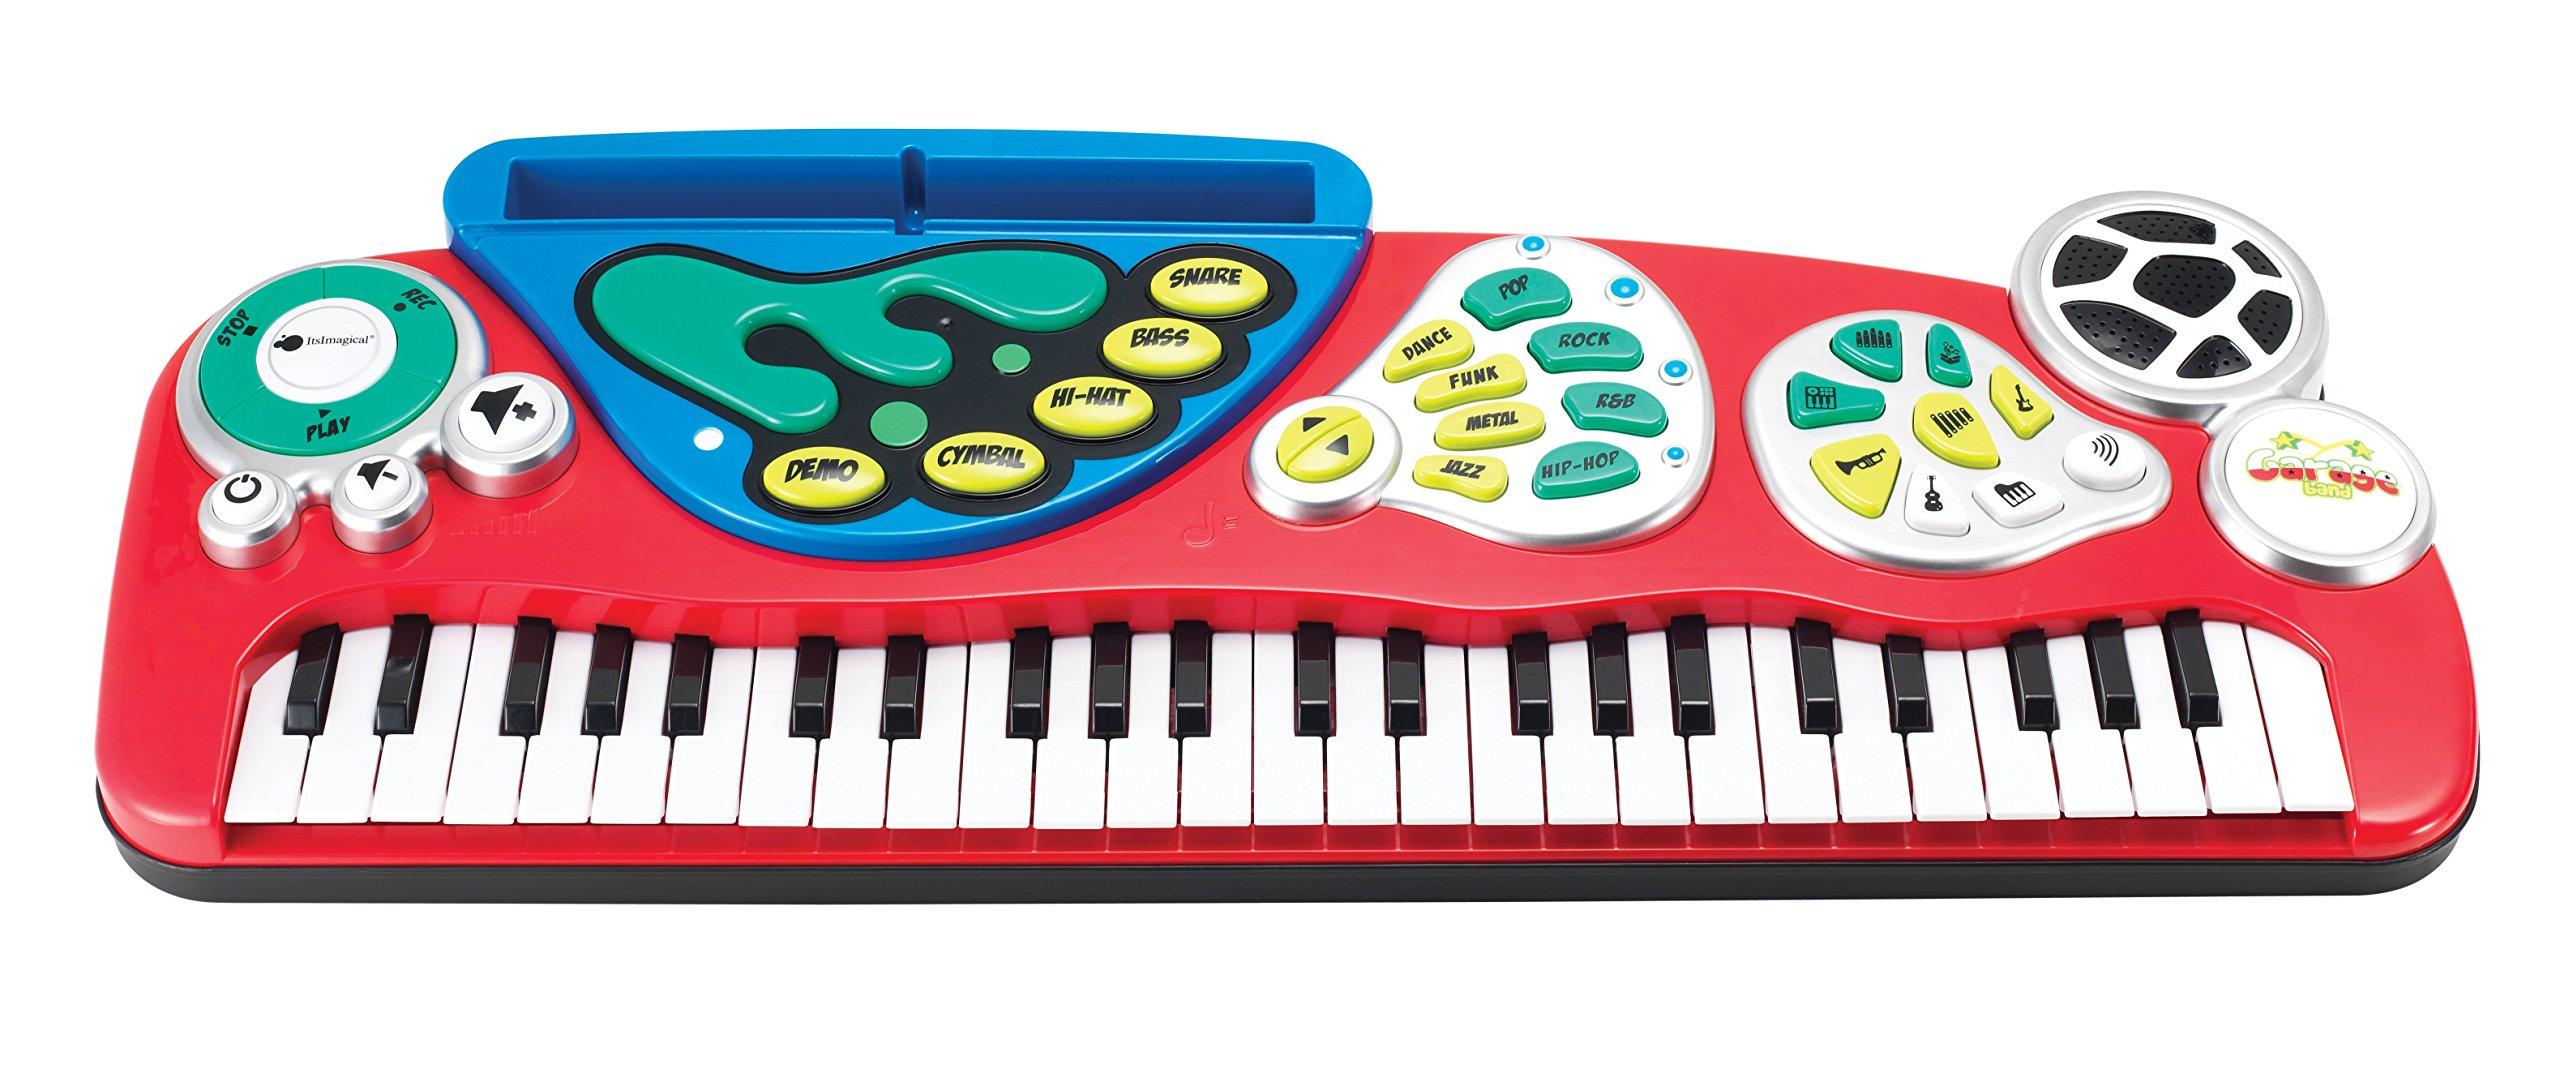 itsImagical - Electro-Keyboard garageband (Imaginarium 83971 ...